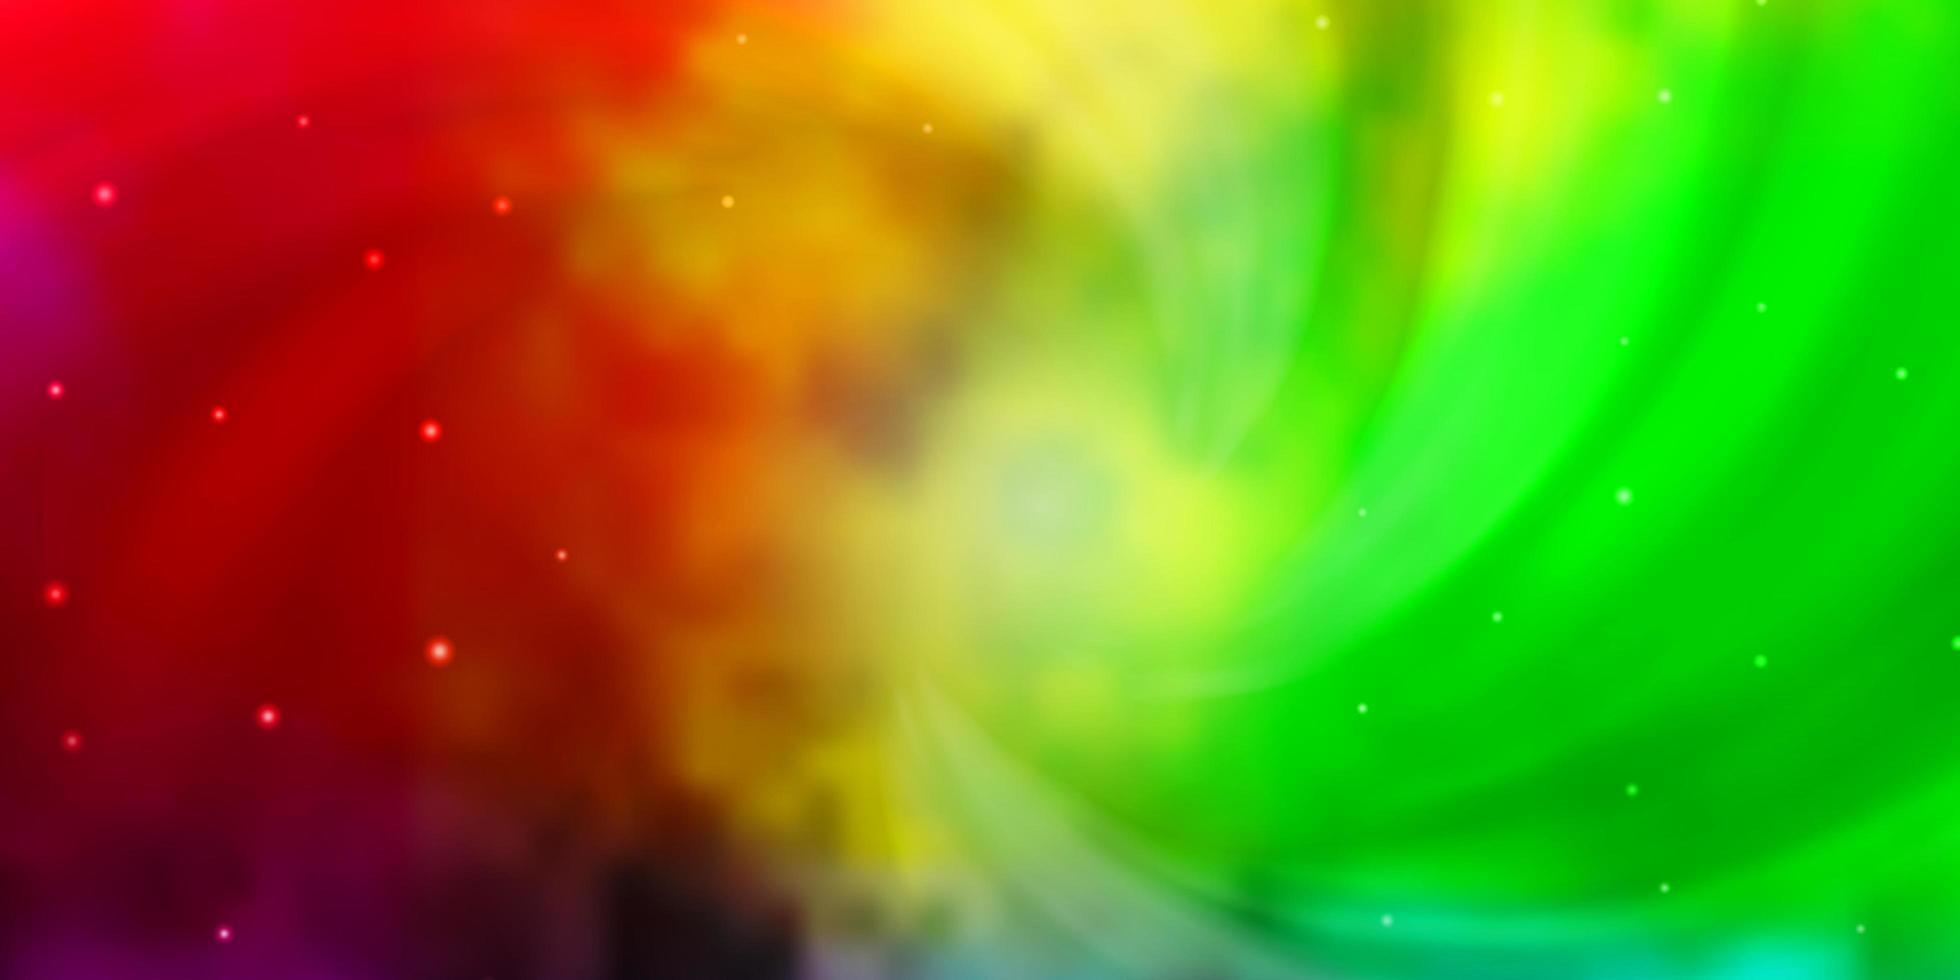 licht veelkleurige vector achtergrond met kleine en grote sterren.